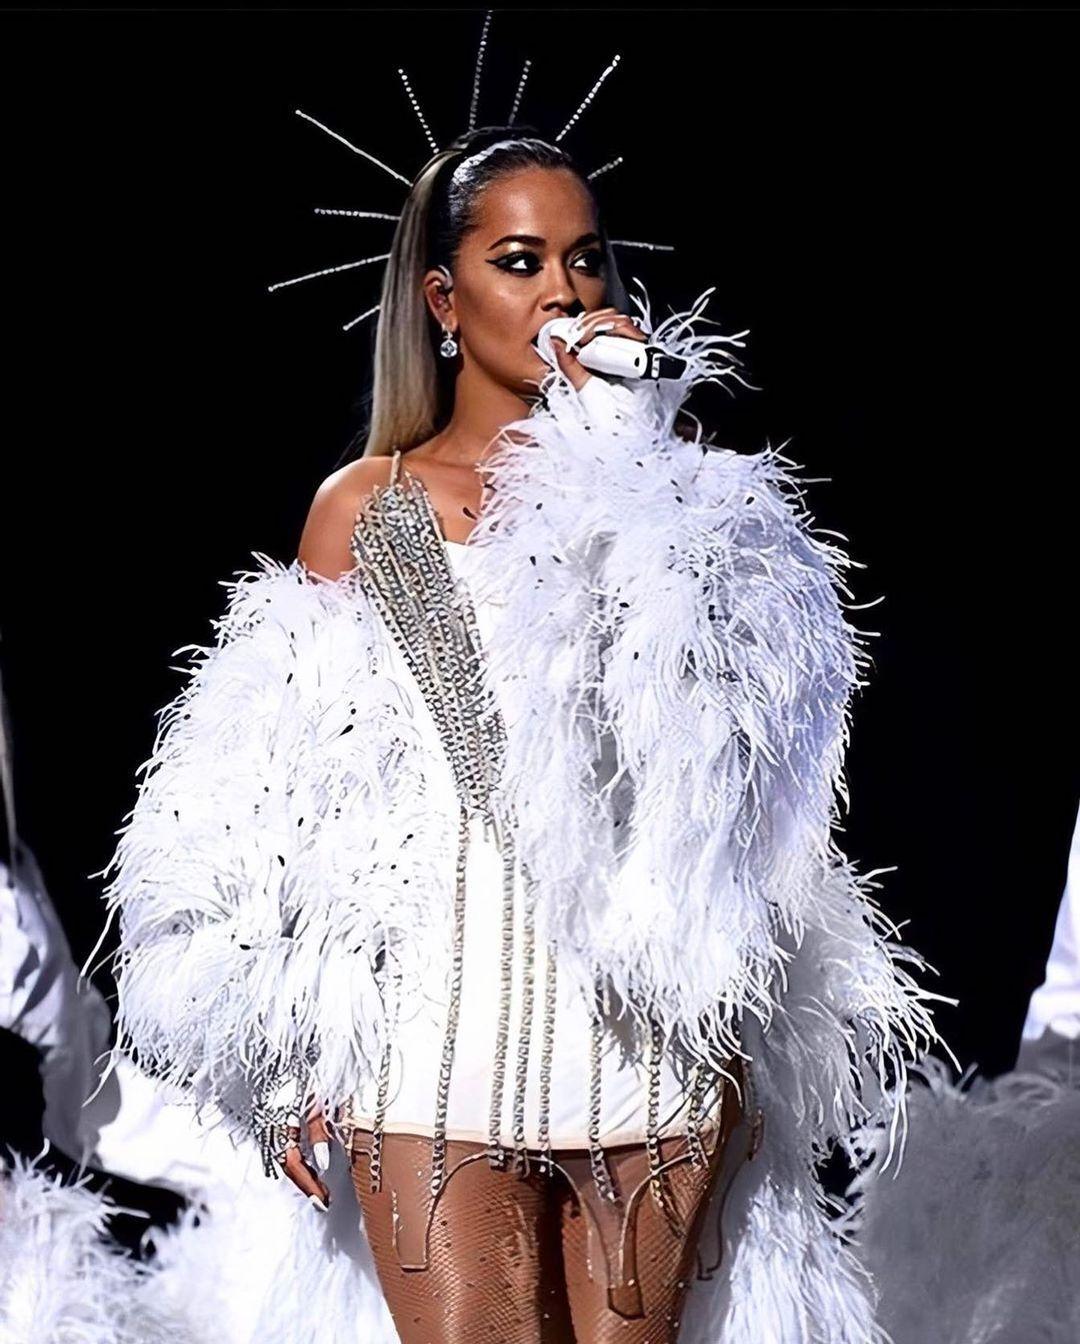 Певица Рита Ора выбрала белое мини-платье Frolov для выступления на рождественском концерте Jingle Bell Ball